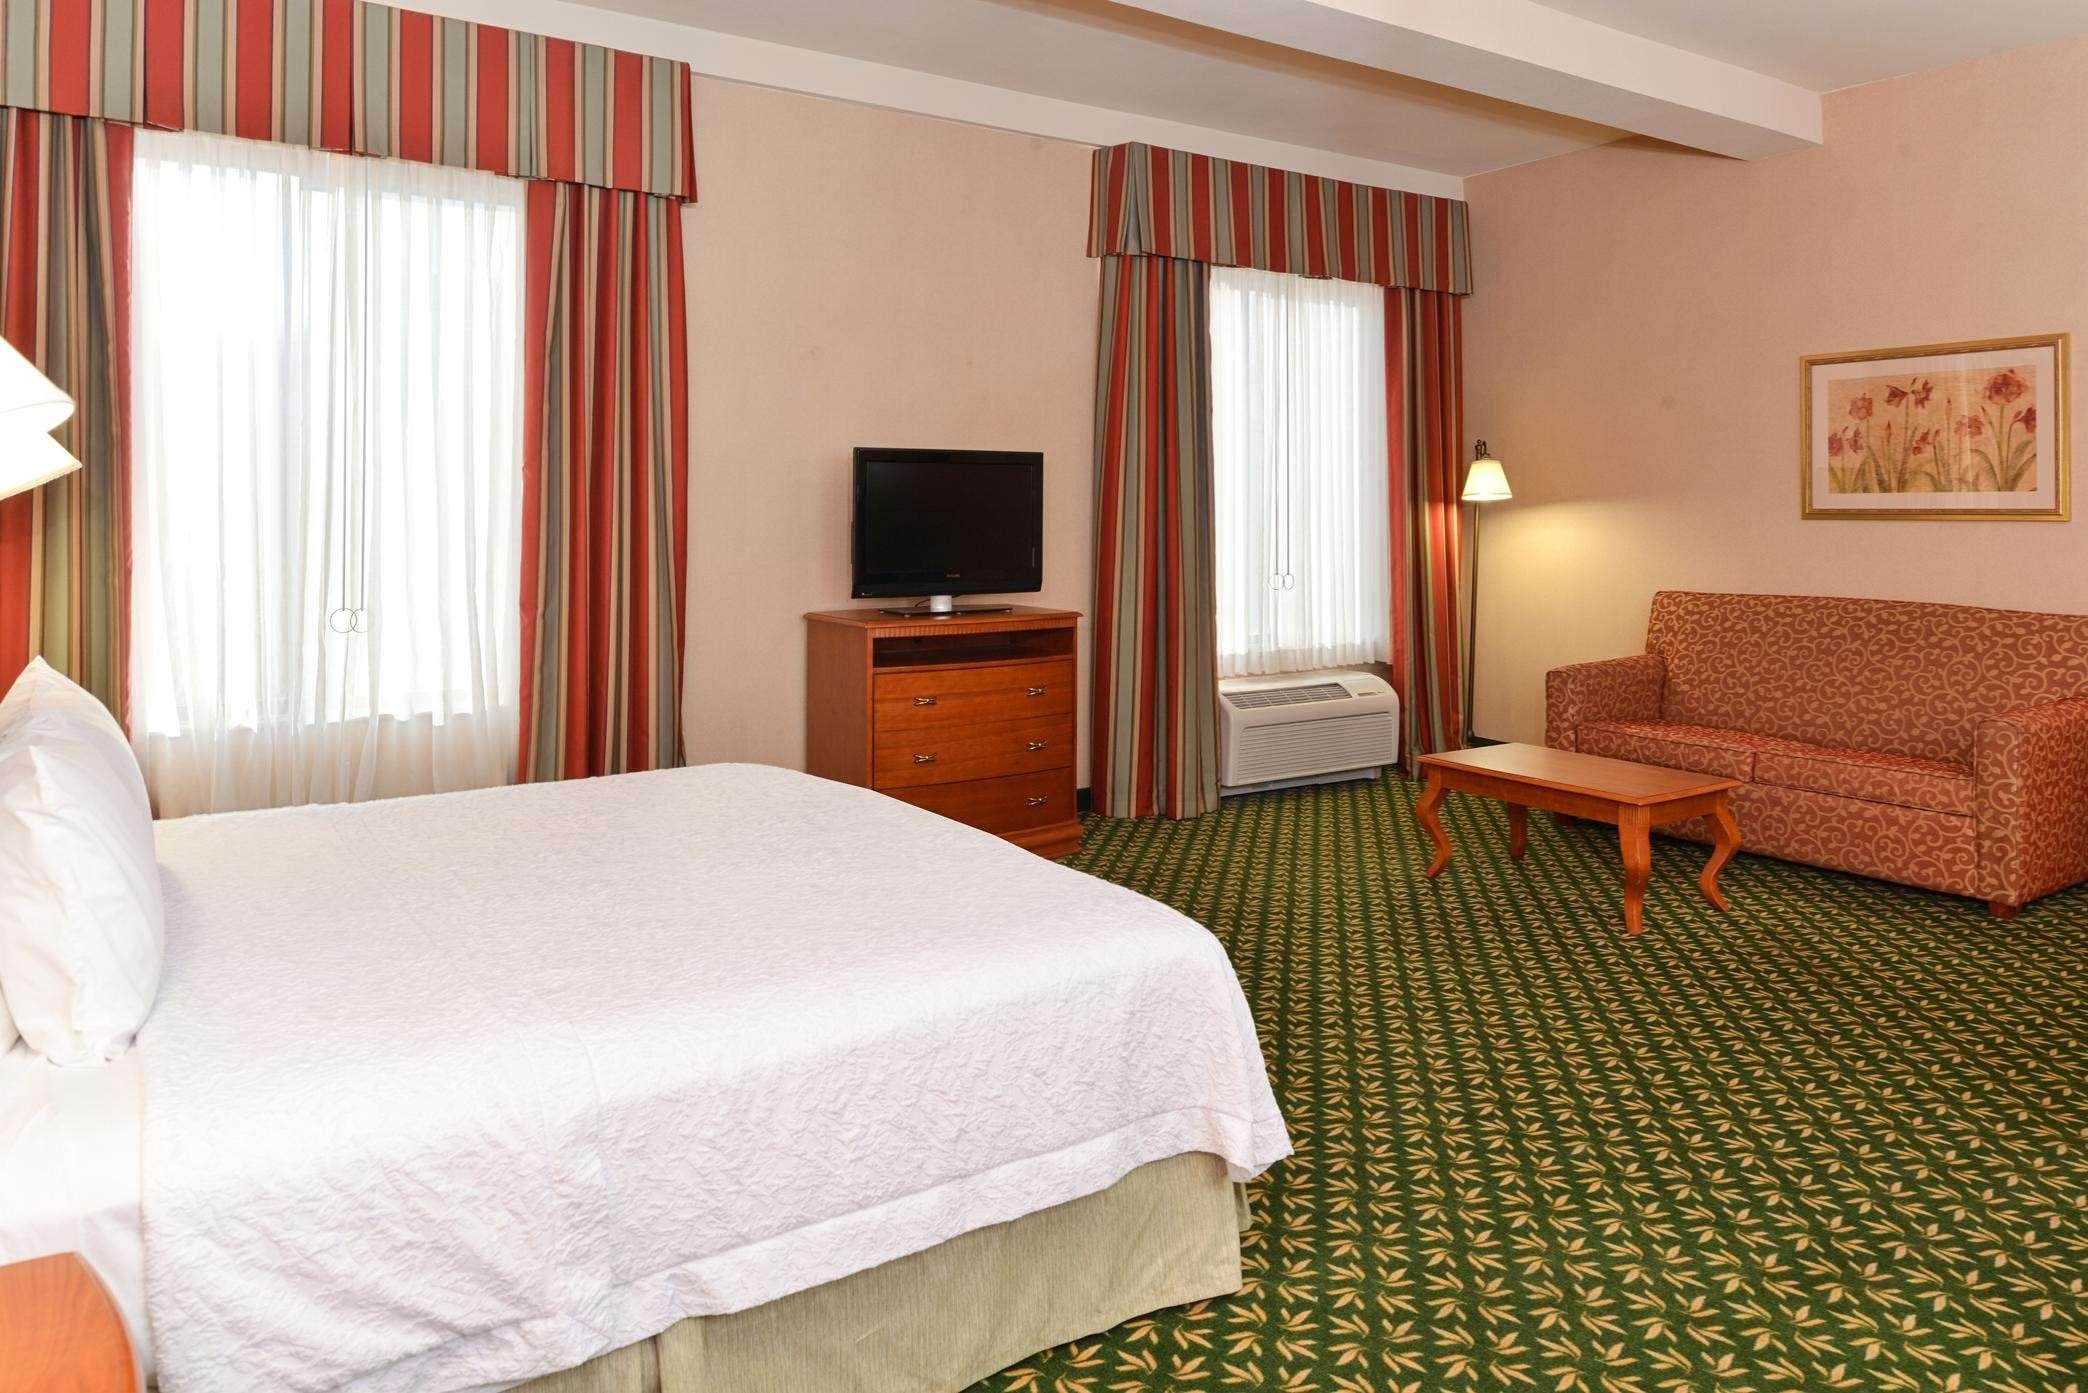 Hampton Inn & Suites Casper image 24